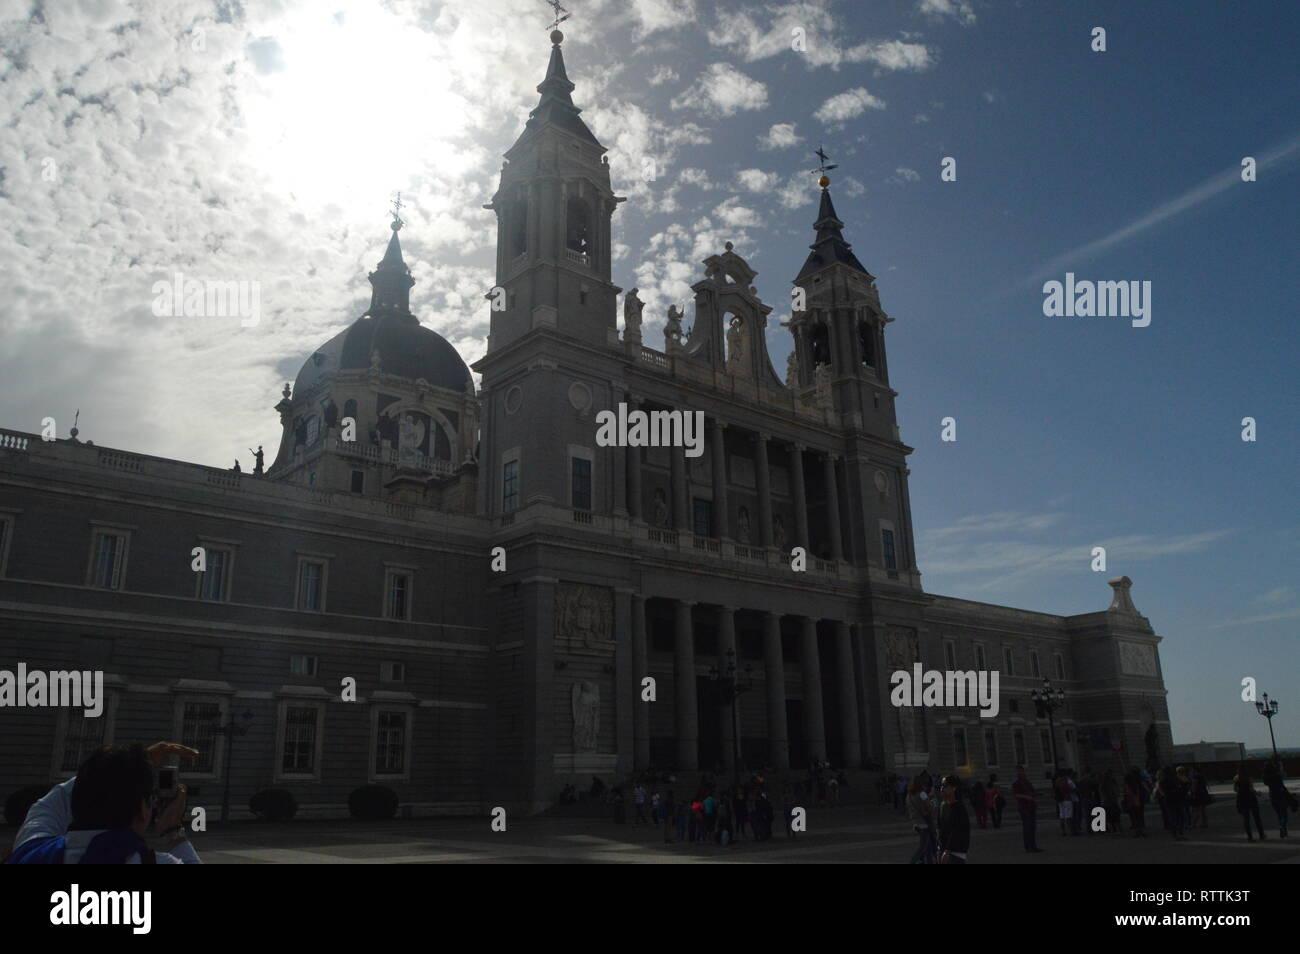 Fachada principal del Palacio Real, fechada en el siglo XIV, De estilo barroco en Madrid. Arquitectura, Historia, Viajes. El 18 de octubre de 2014. Madrid, S Foto de stock